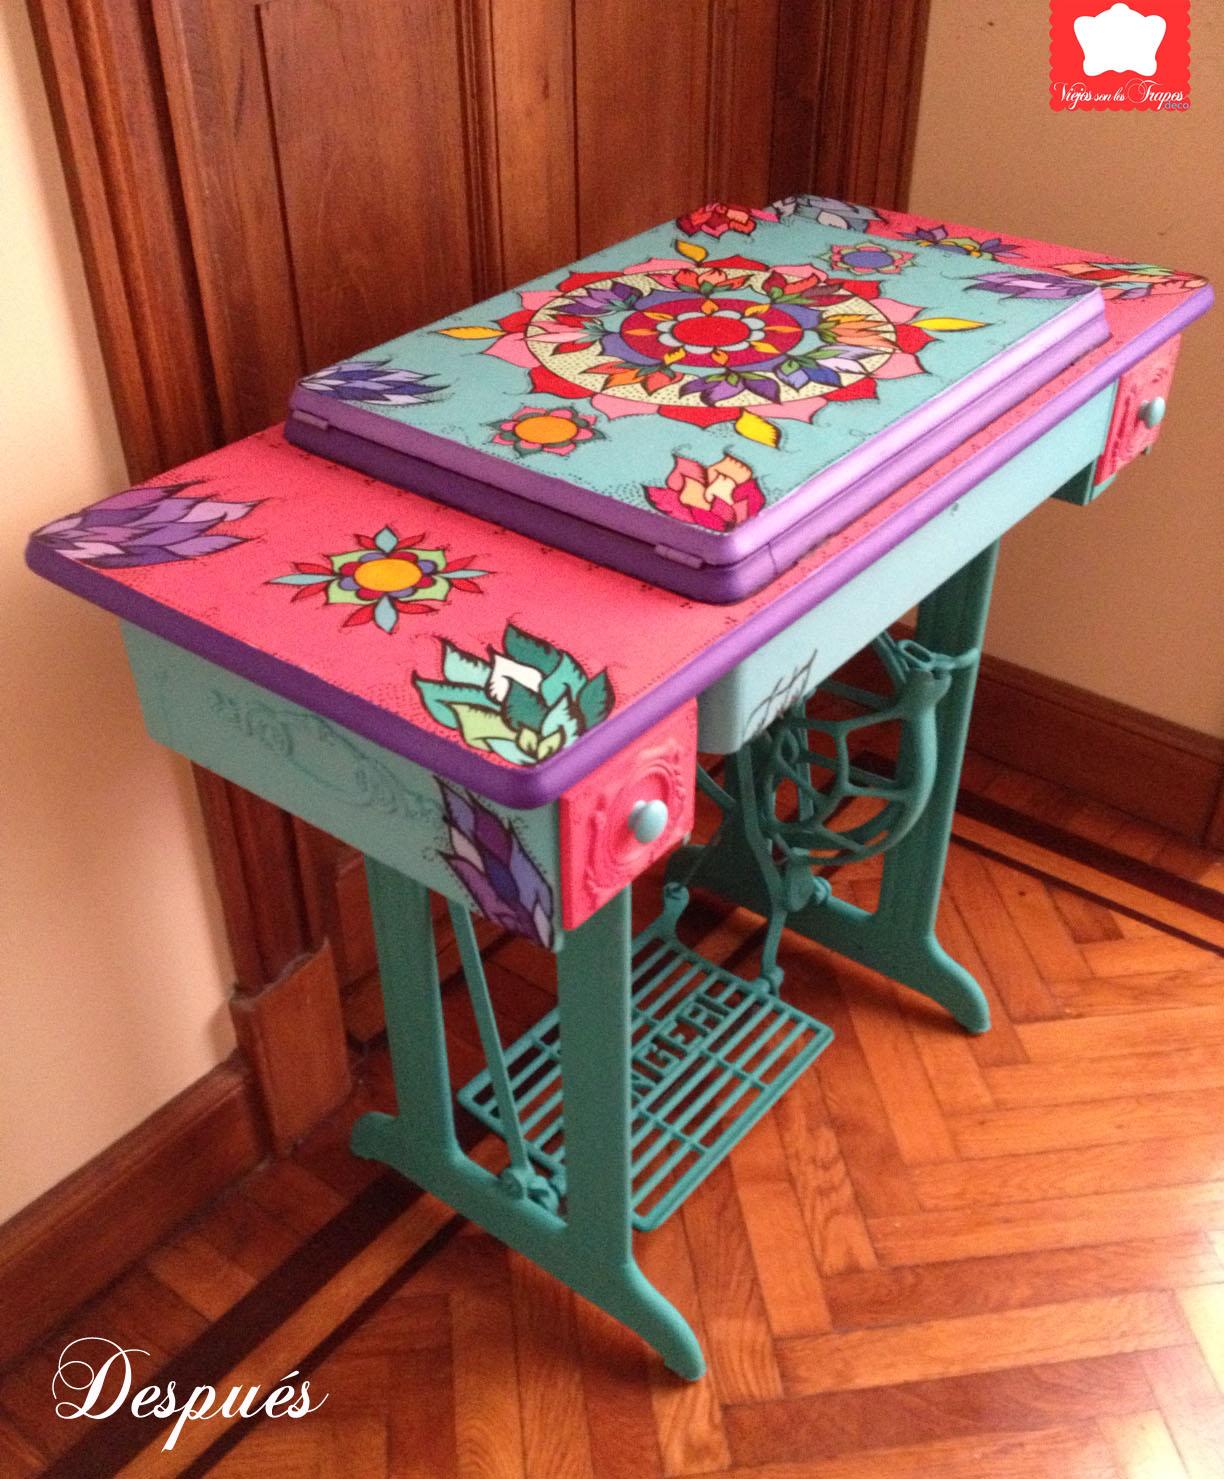 Viejos son los trapos - Reciclar muebles antiguos ...